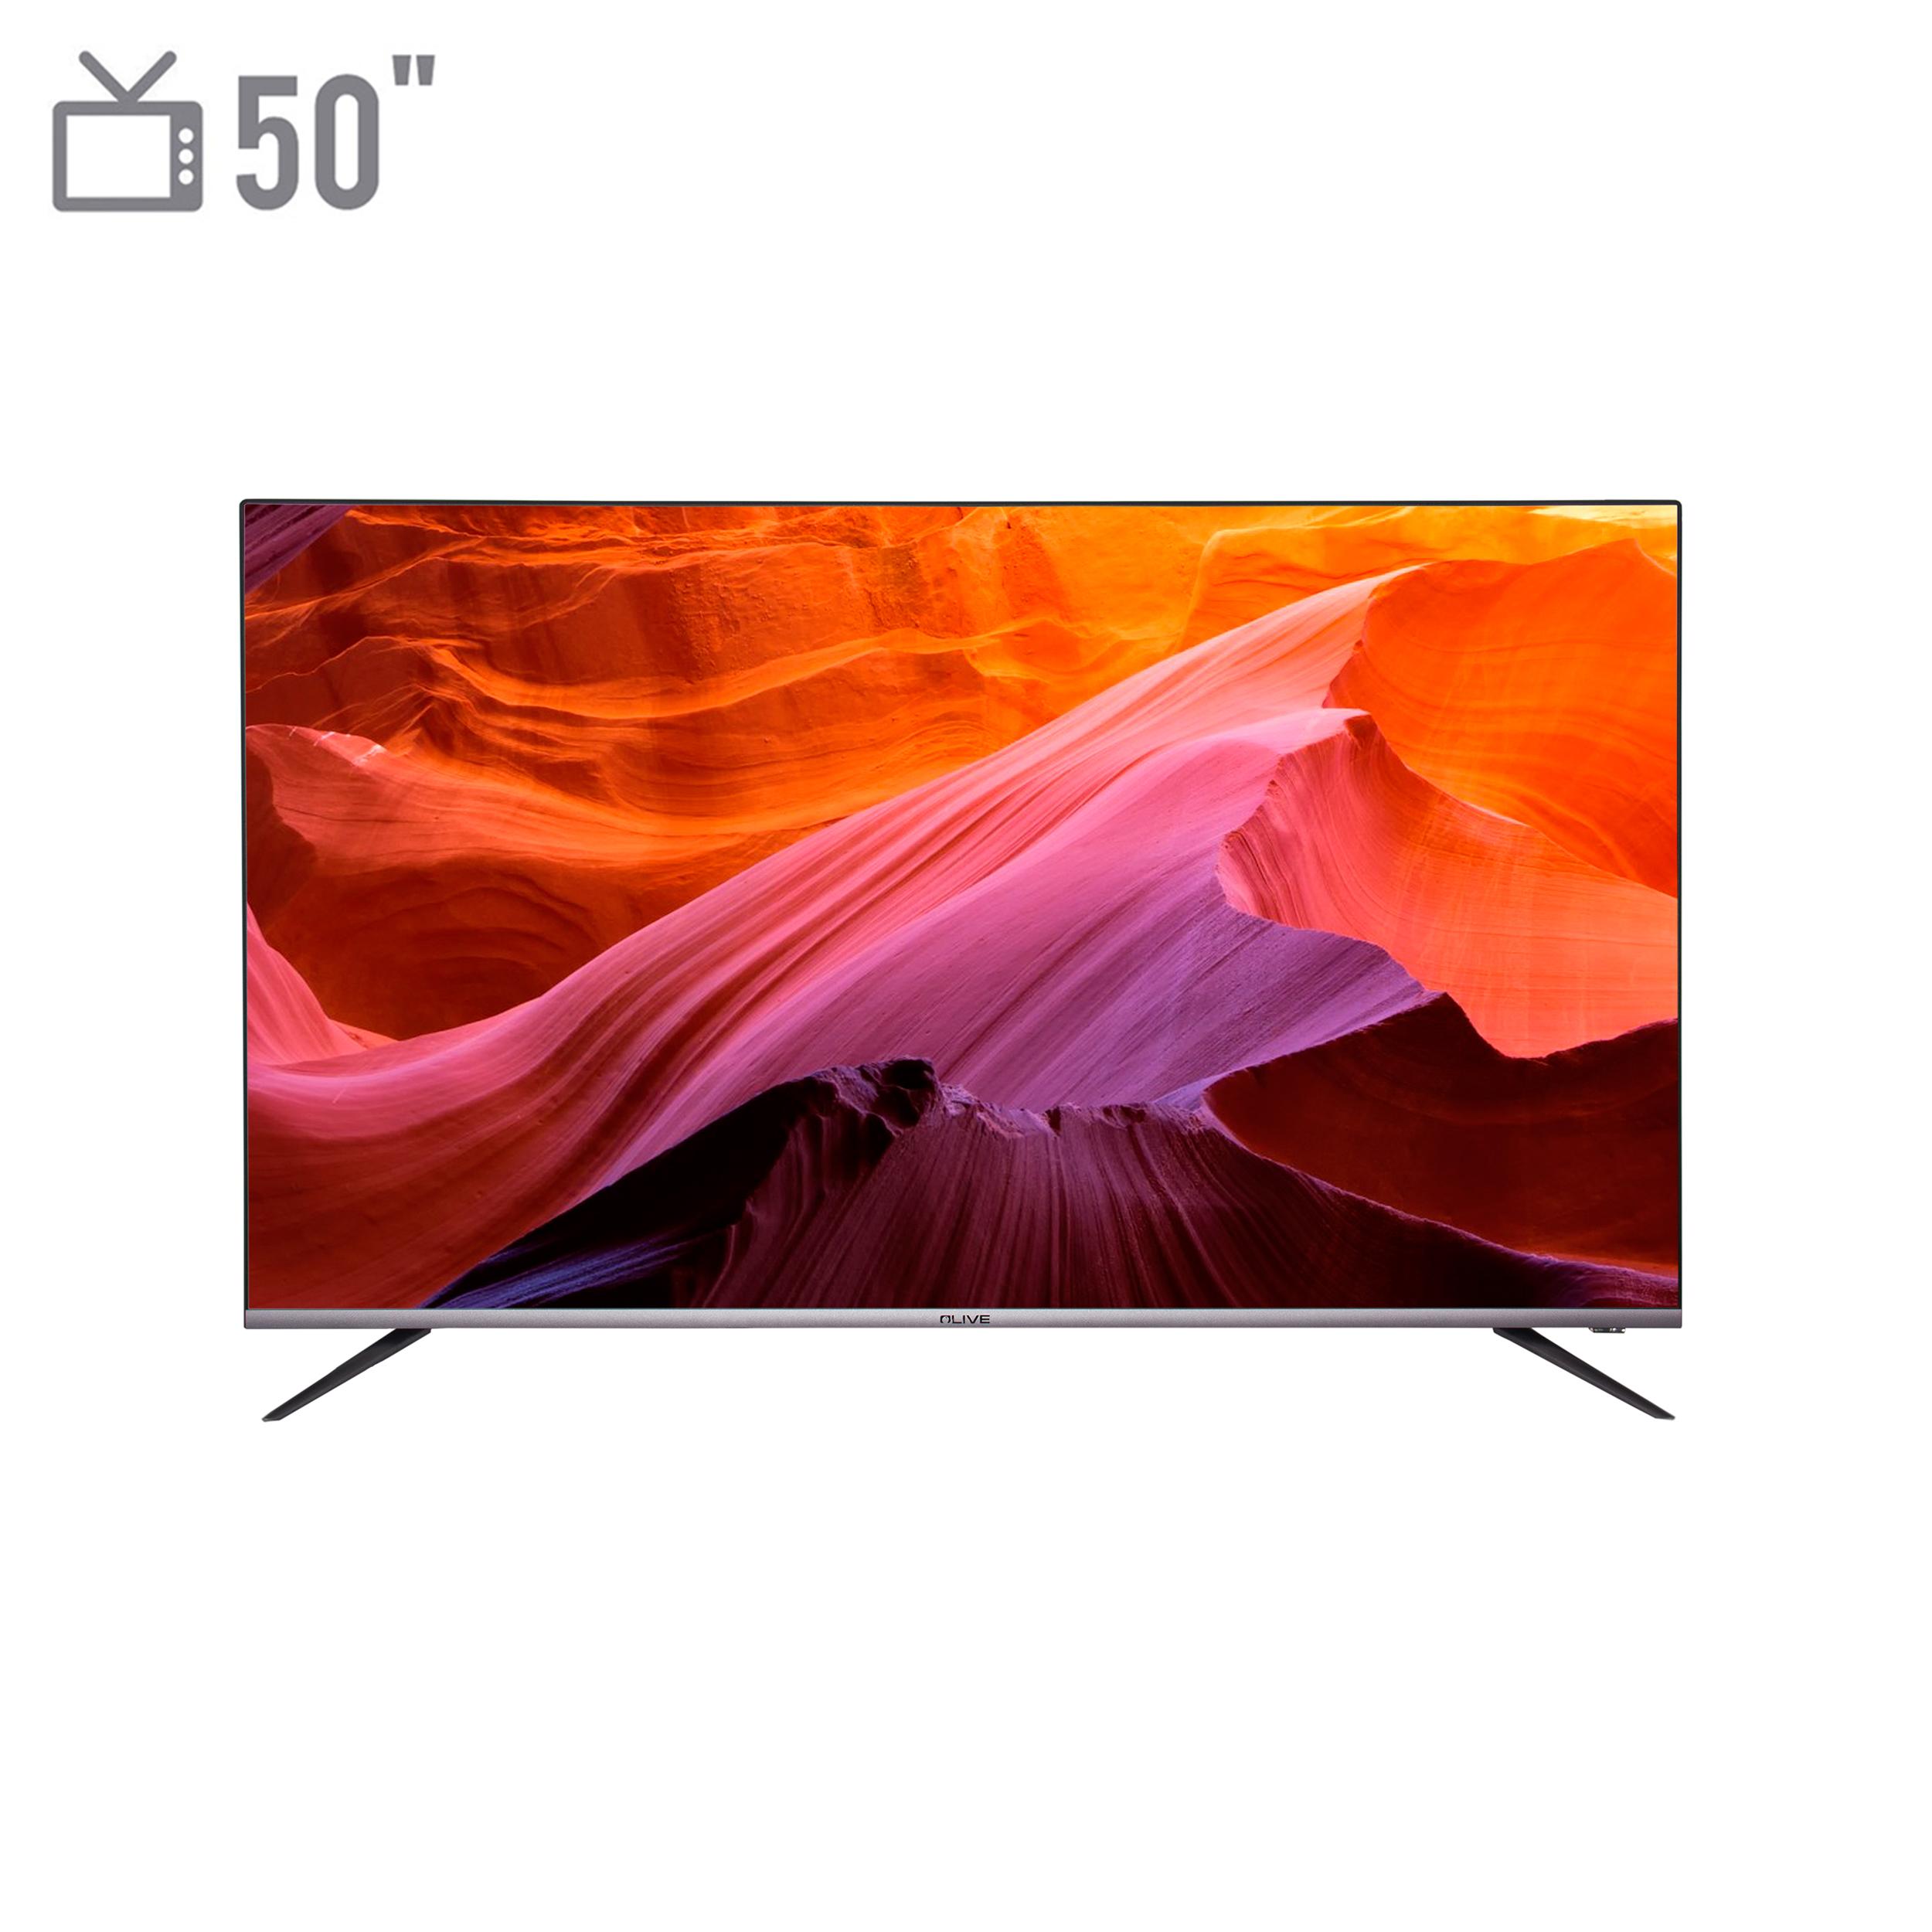 فروش نقدی و اقساطی تلويزيون ال ای دی هوشمند الیو مدل 50UD8450 سایز 50 اینچ